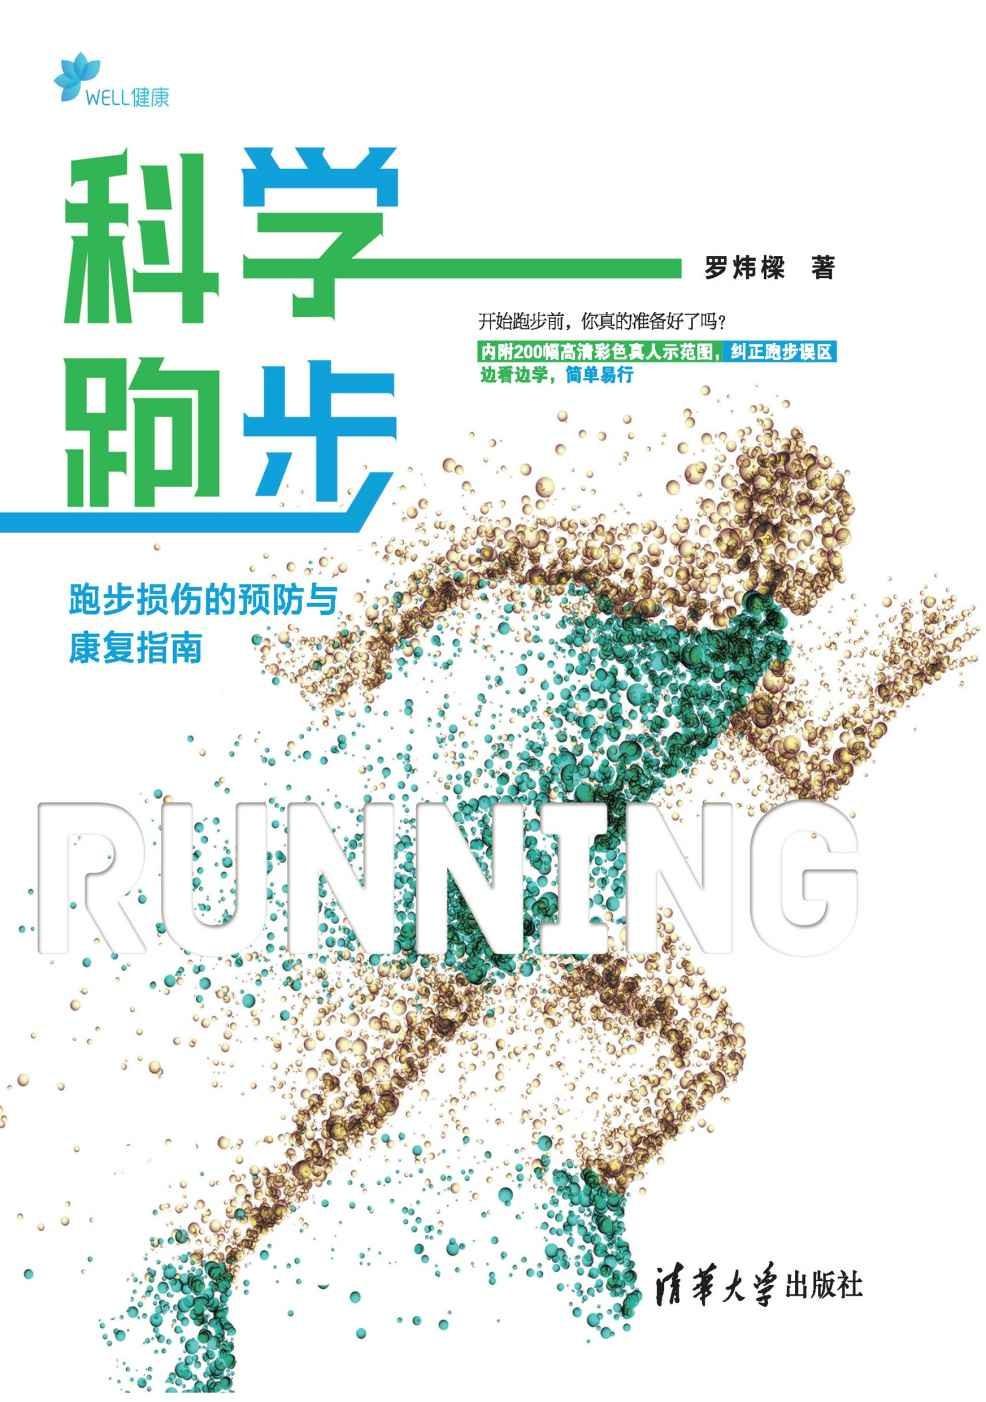 科学跑步:跑步损伤的预防与康复指南(epub+azw3+mobi)